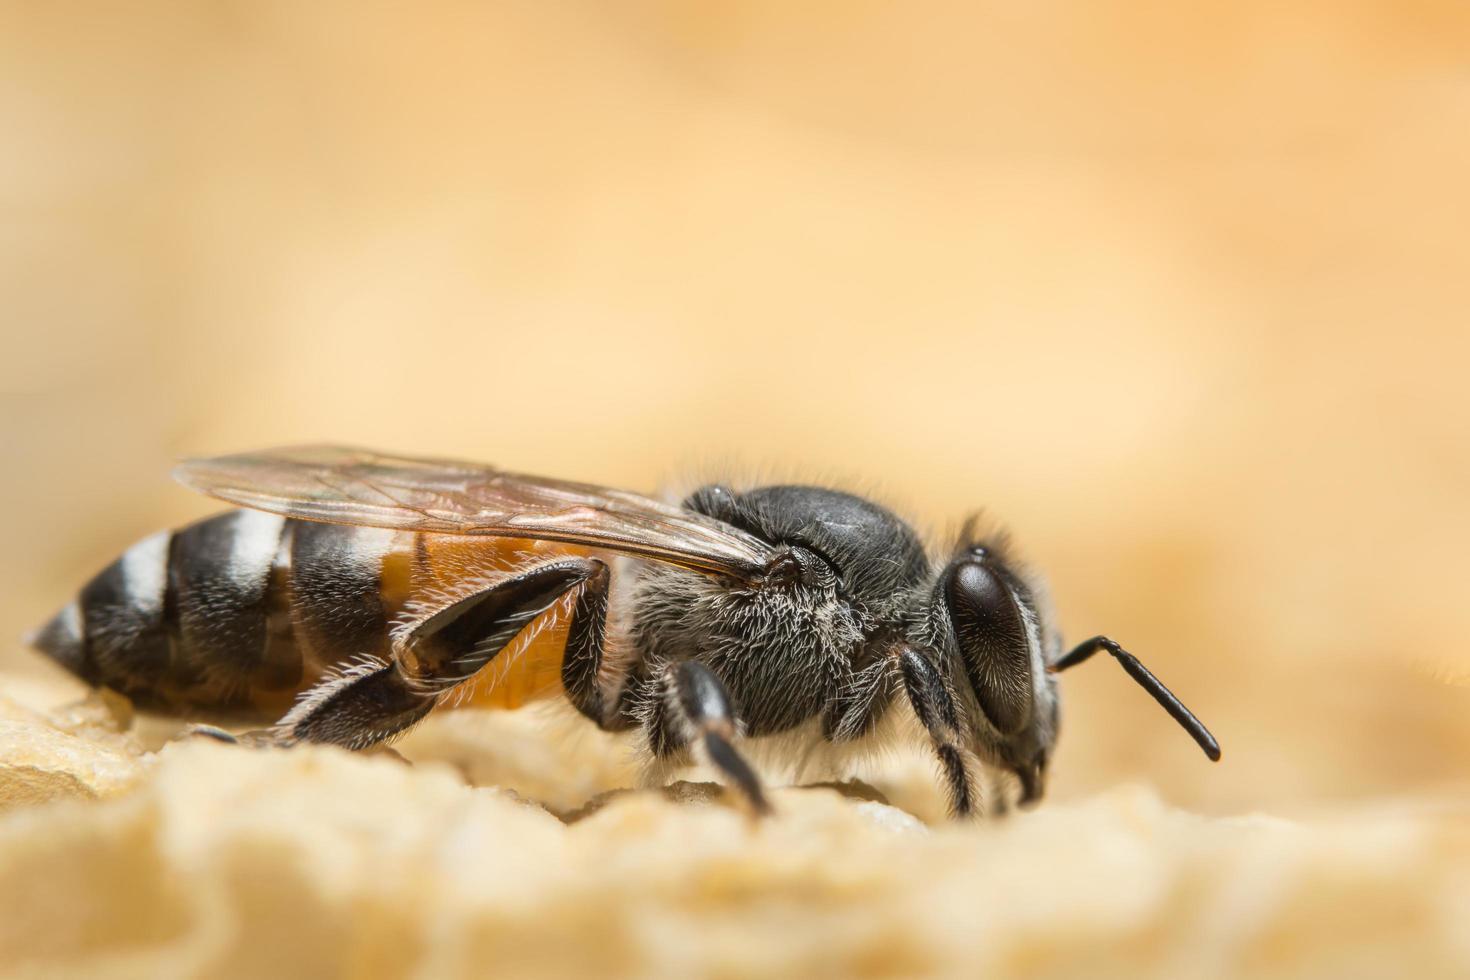 gros plan, abeille, ruche photo